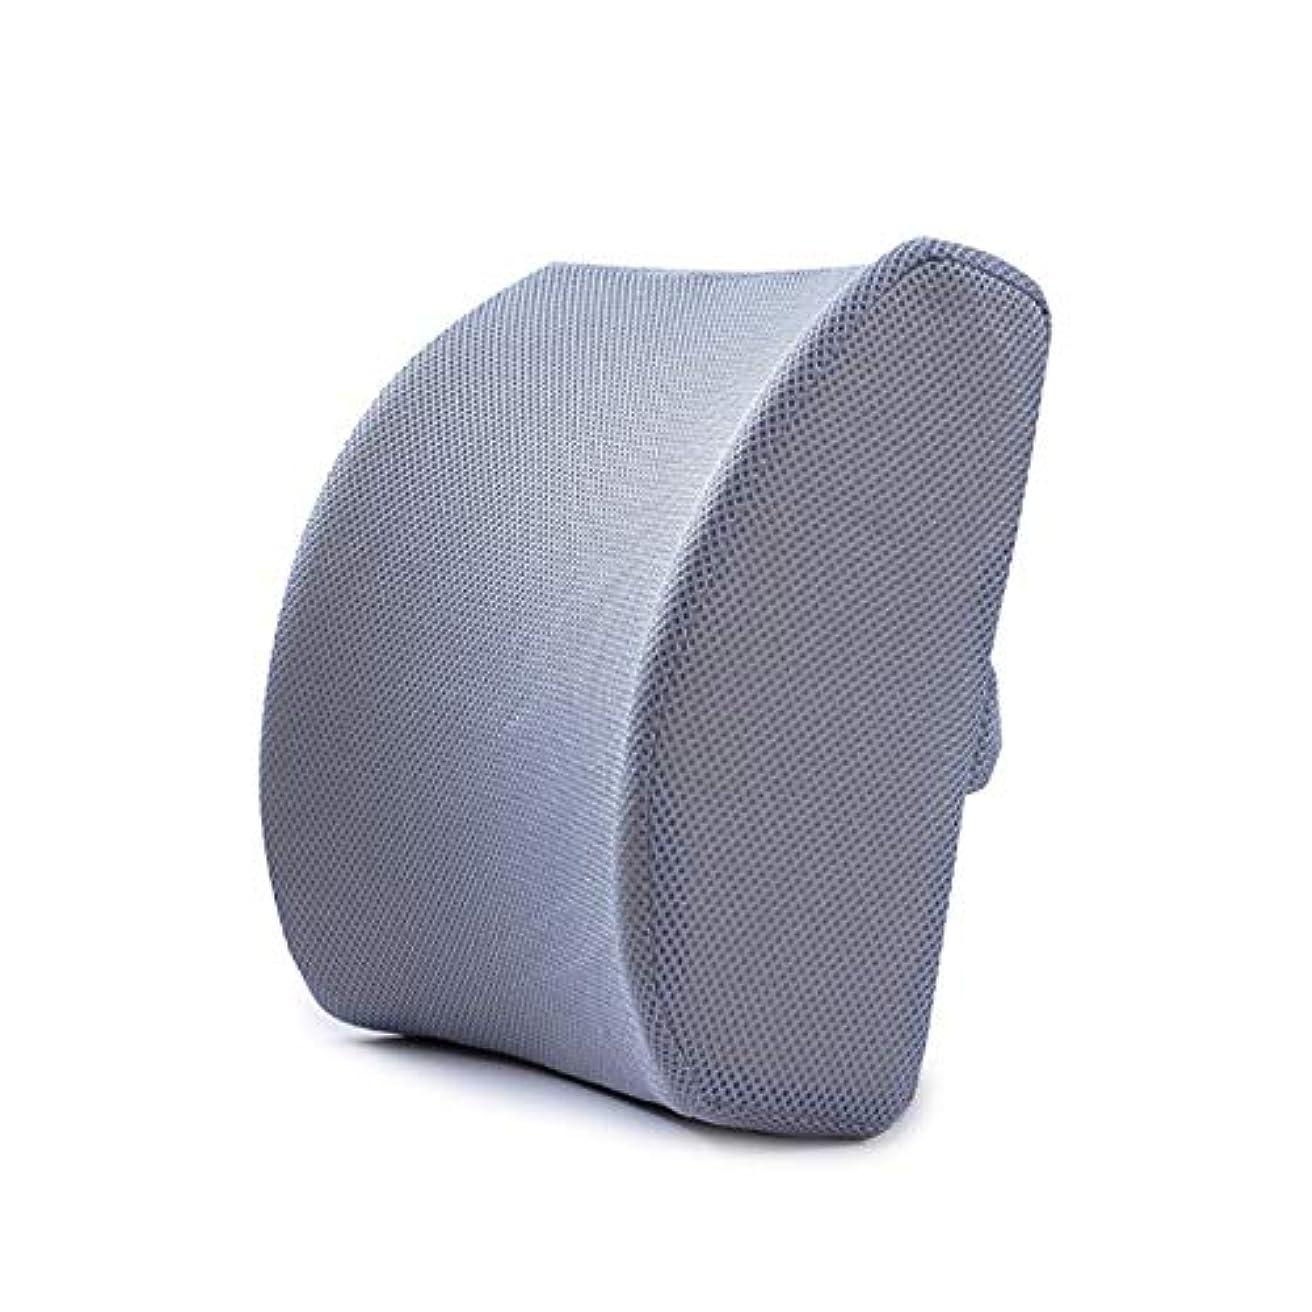 ペンスその結果節約LIFE ホームオフィス背もたれ椅子腰椎クッションカーシートネック枕 3D 低反発サポートバックマッサージウエストレスリビング枕 クッション 椅子